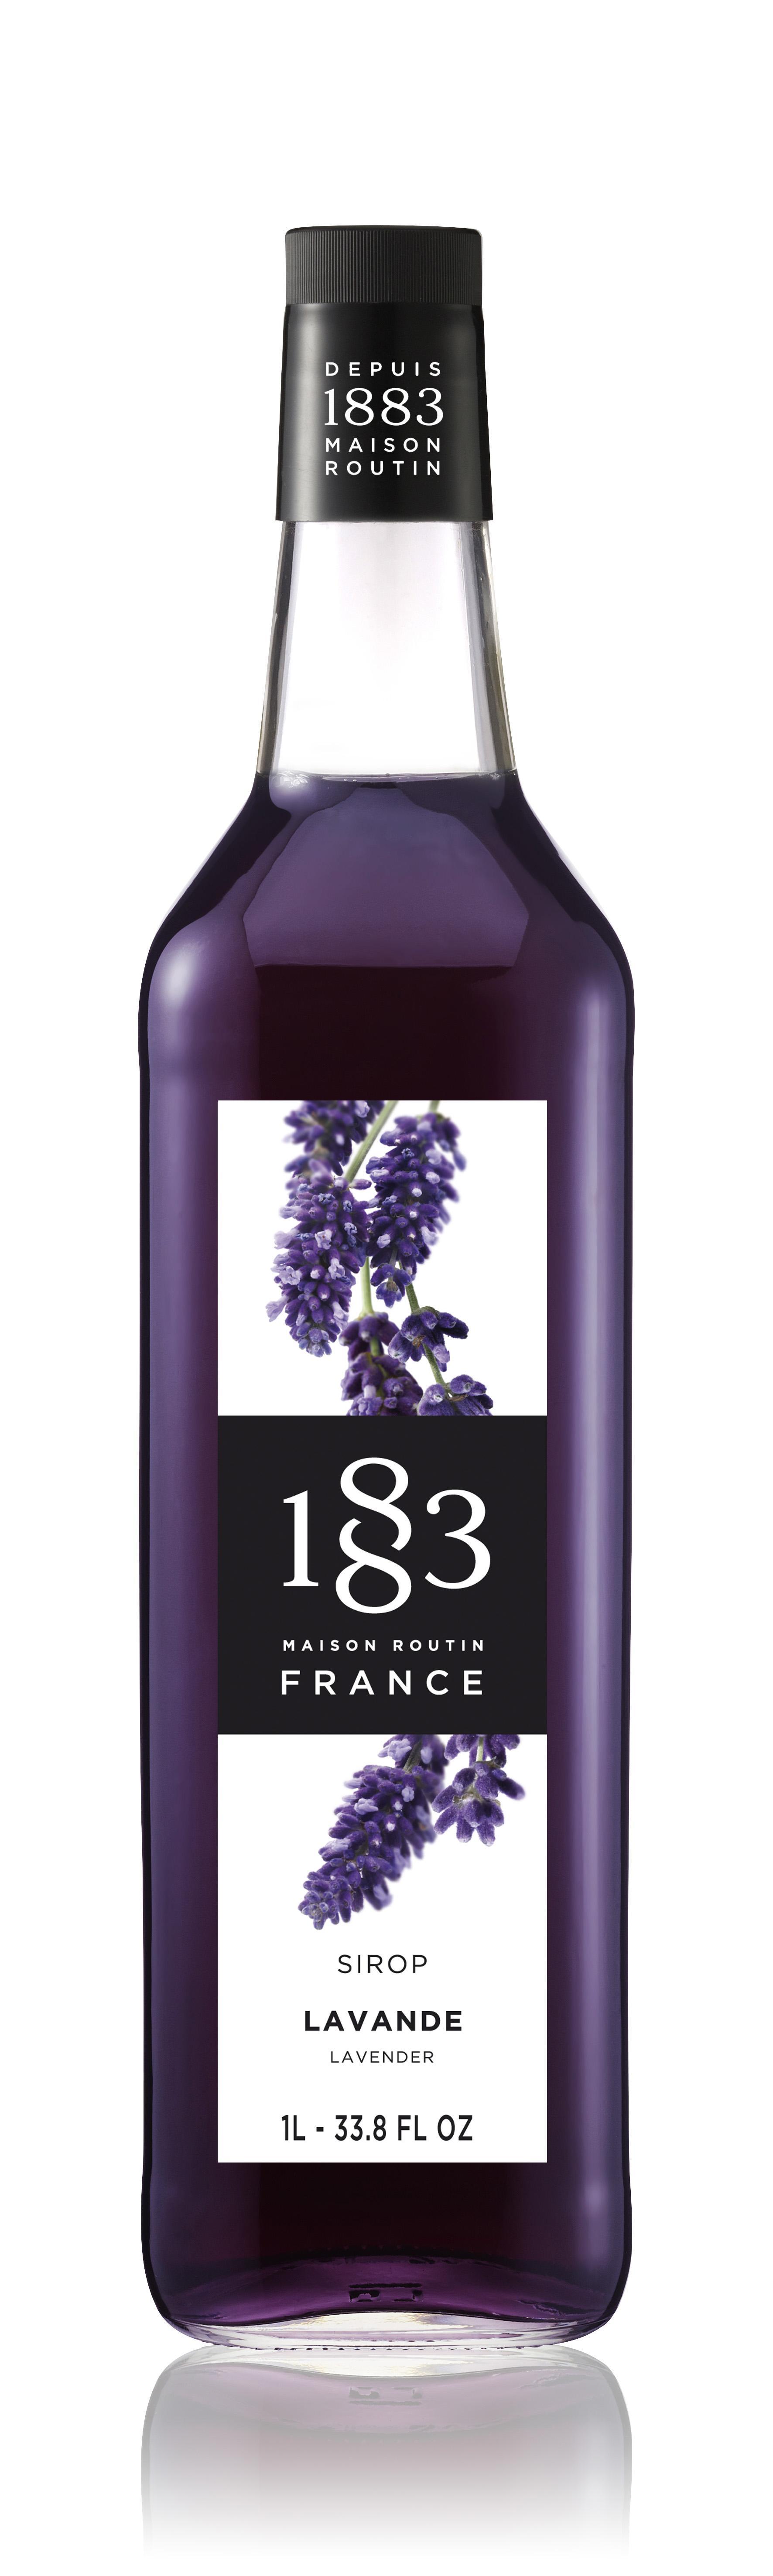 1883 Syrup Lavender  1L Glass Bottle